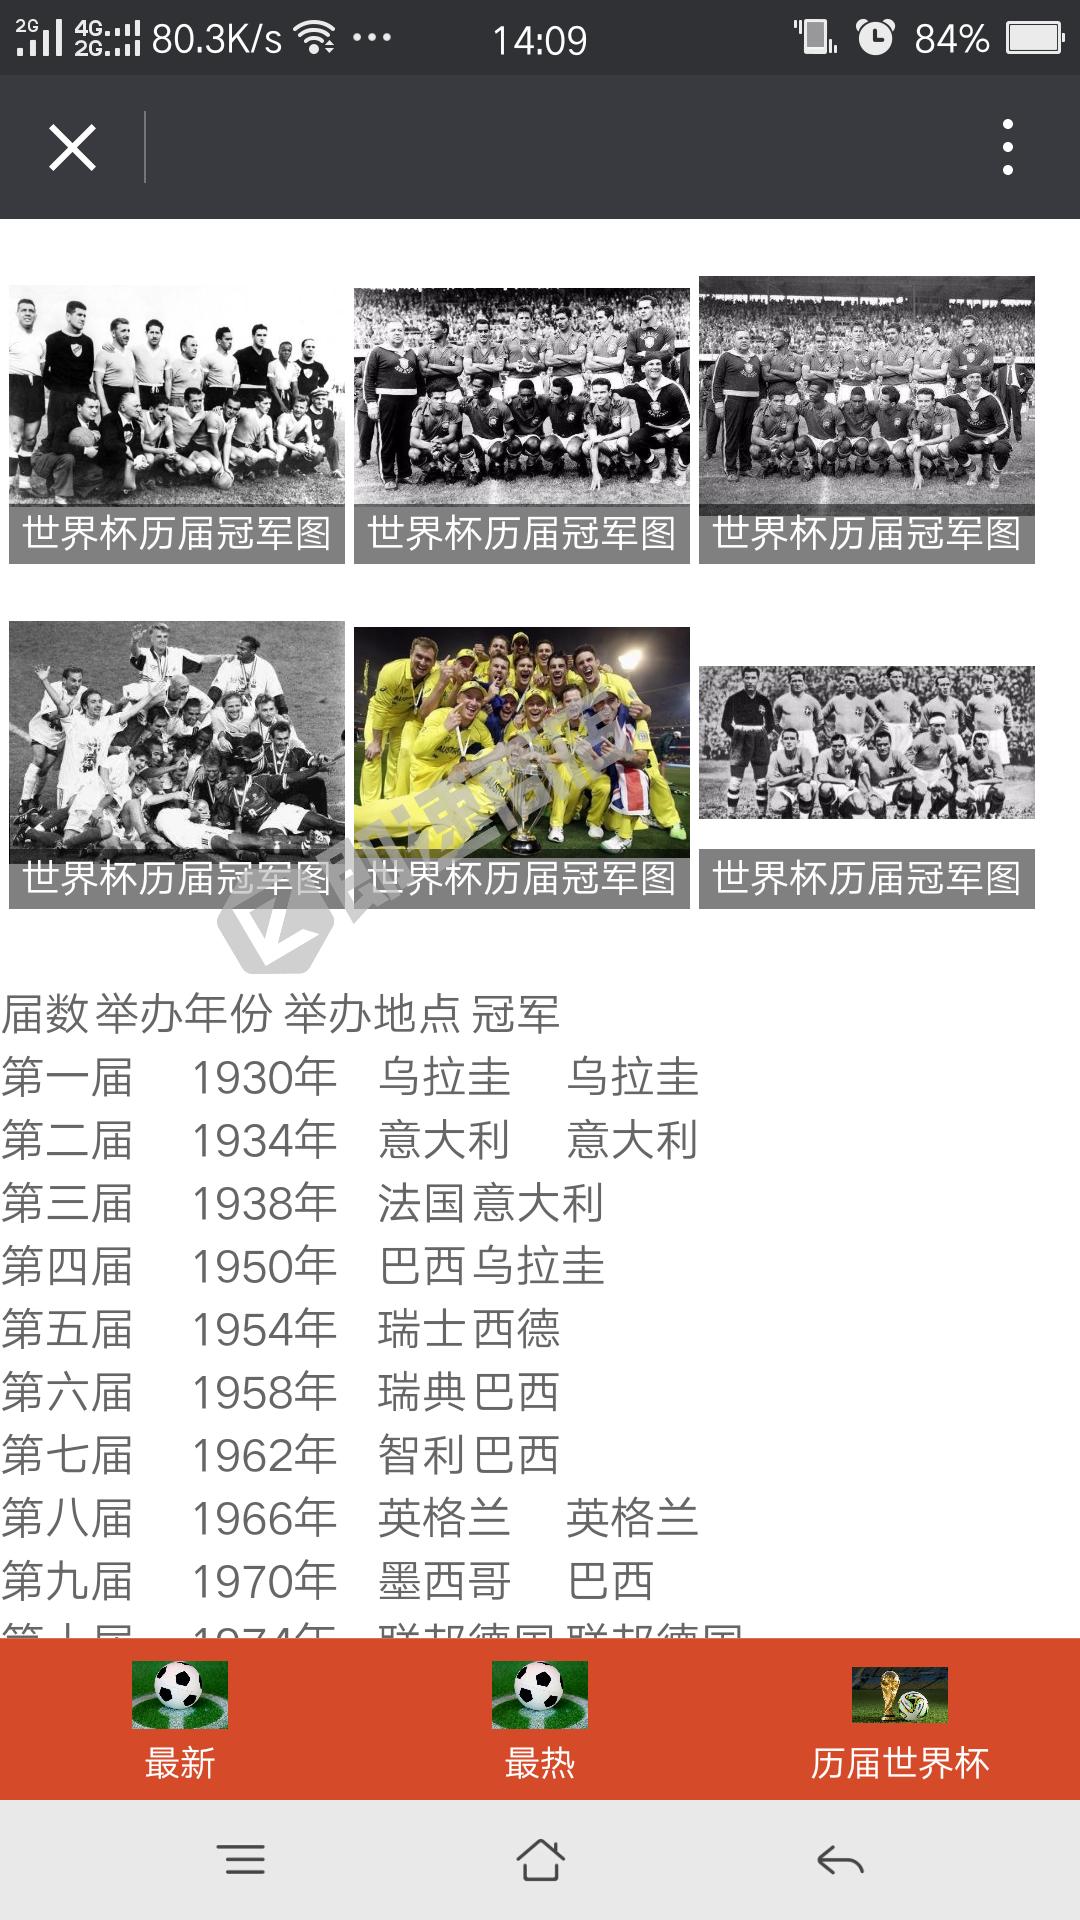 世界杯足球时事小程序详情页截图